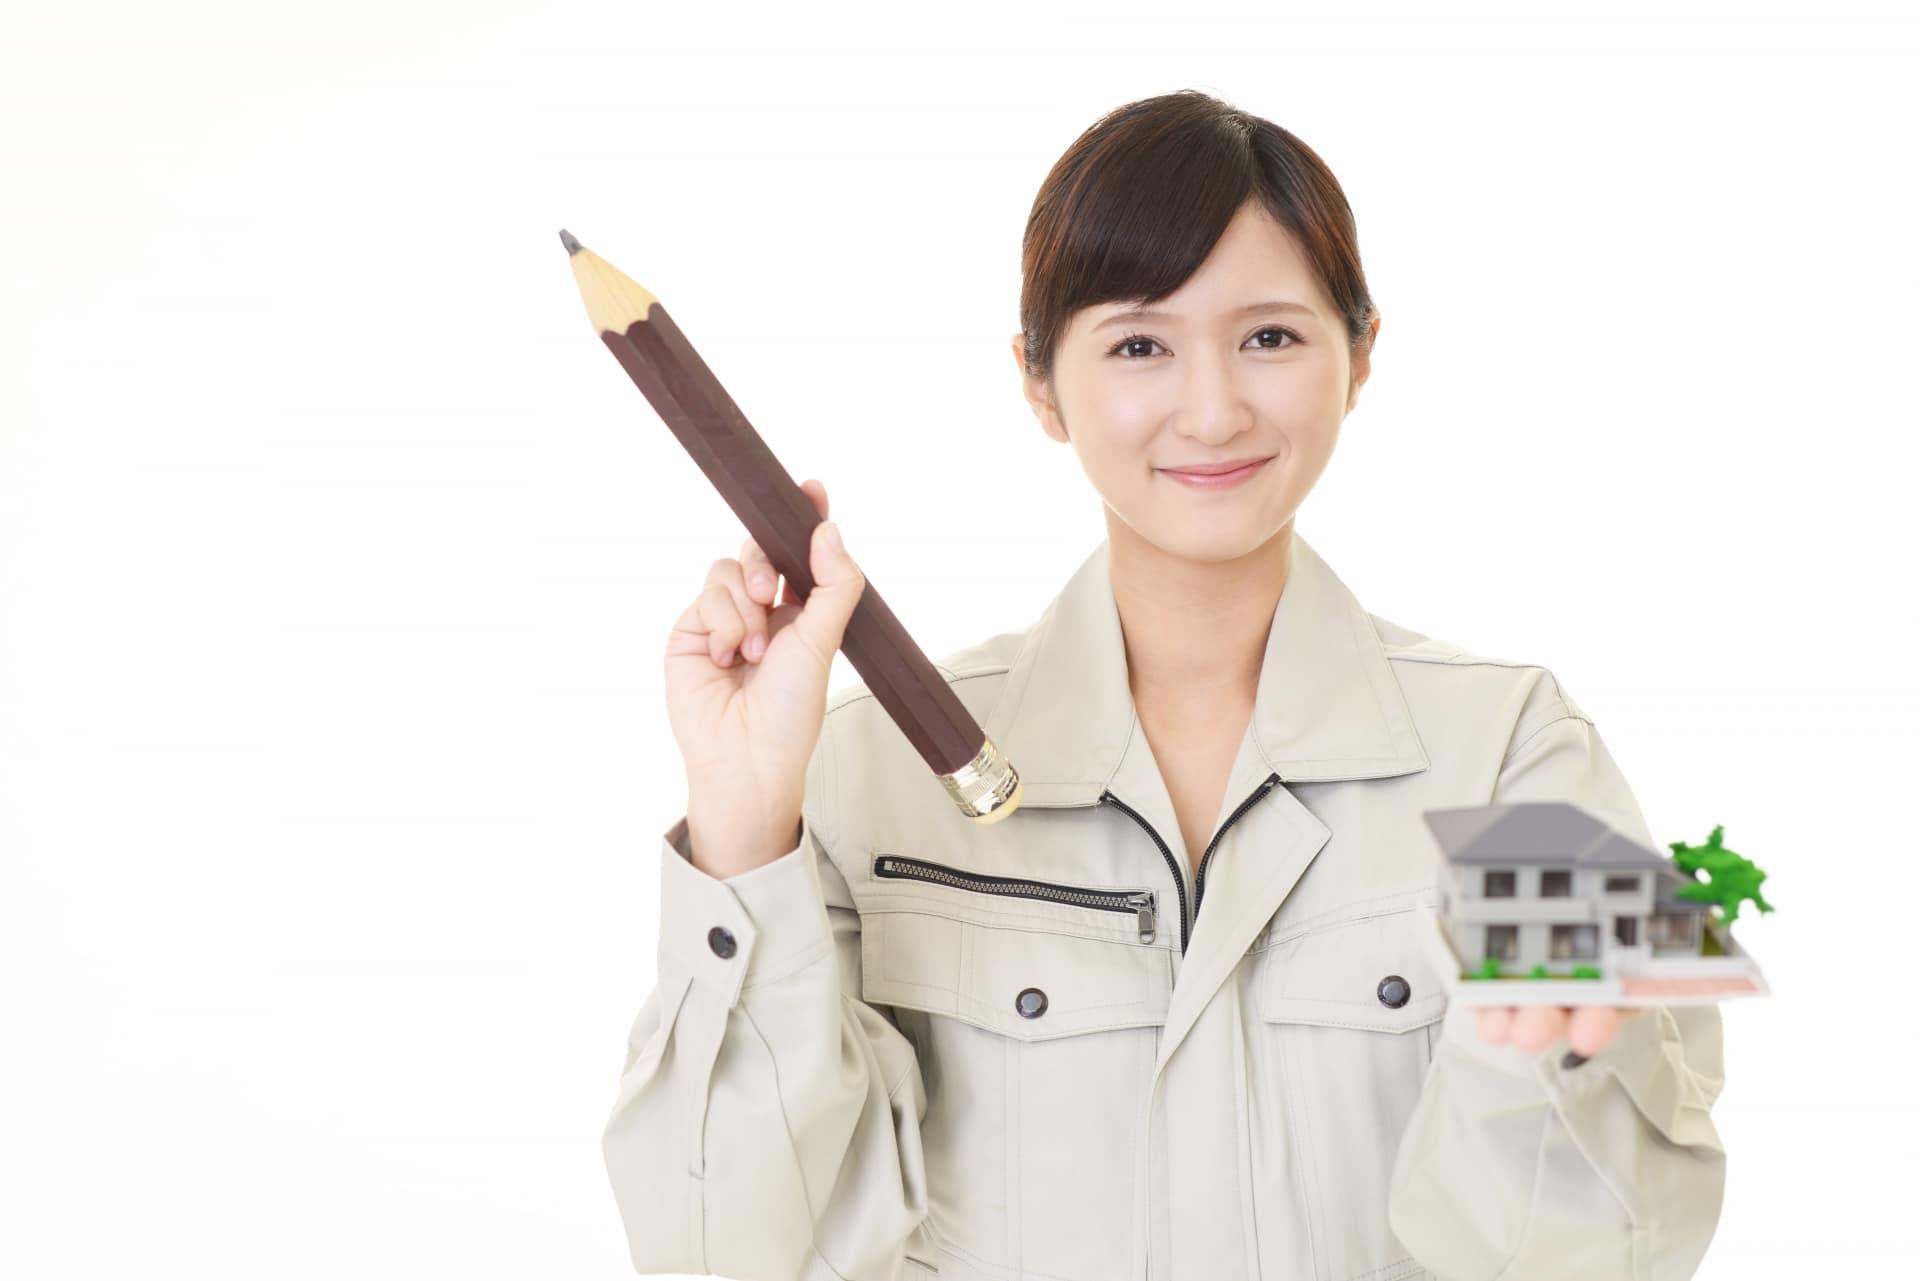 住宅の模型と鉛筆をもつ女性